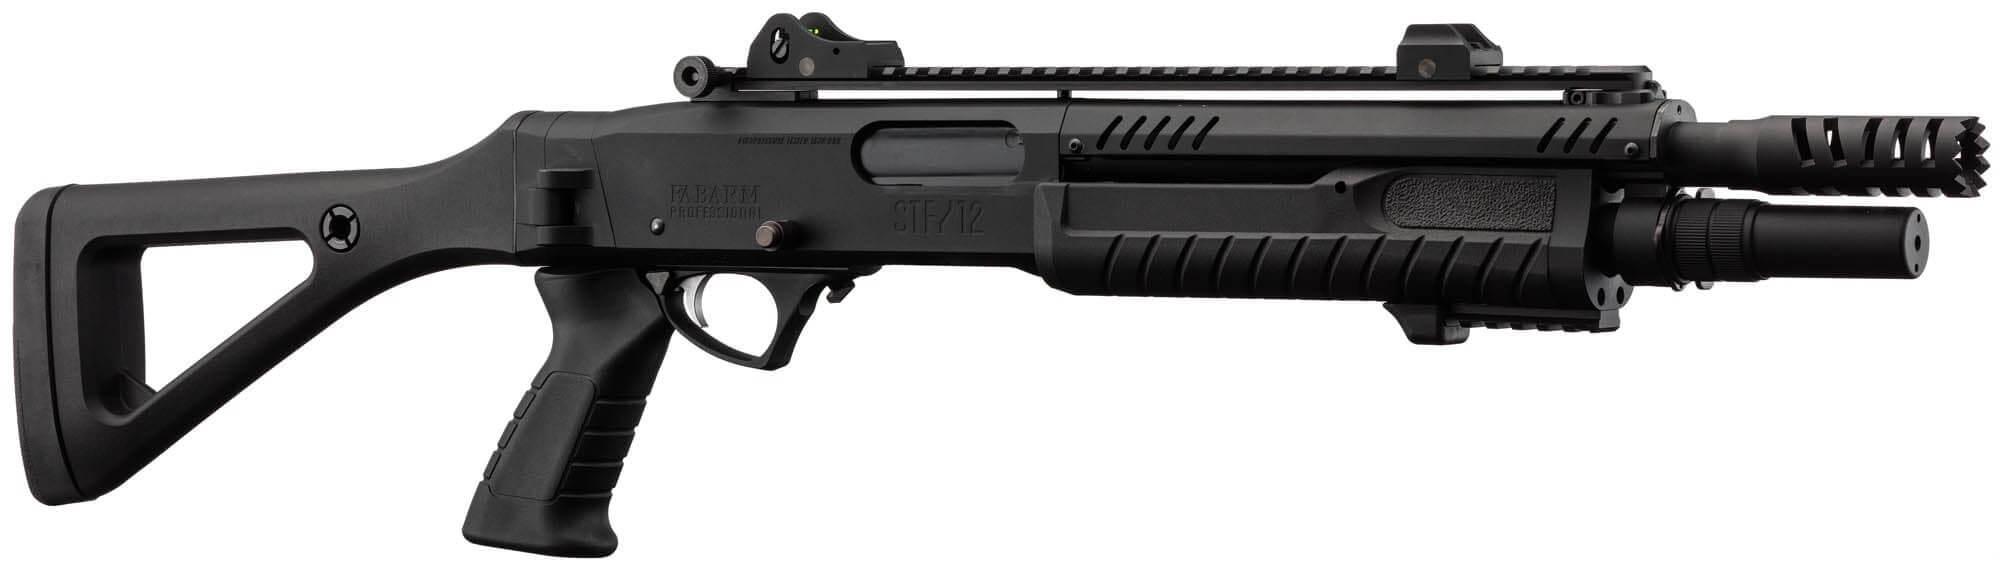 Billede af BO Fabarm STF/12-11 Compact Shotgun